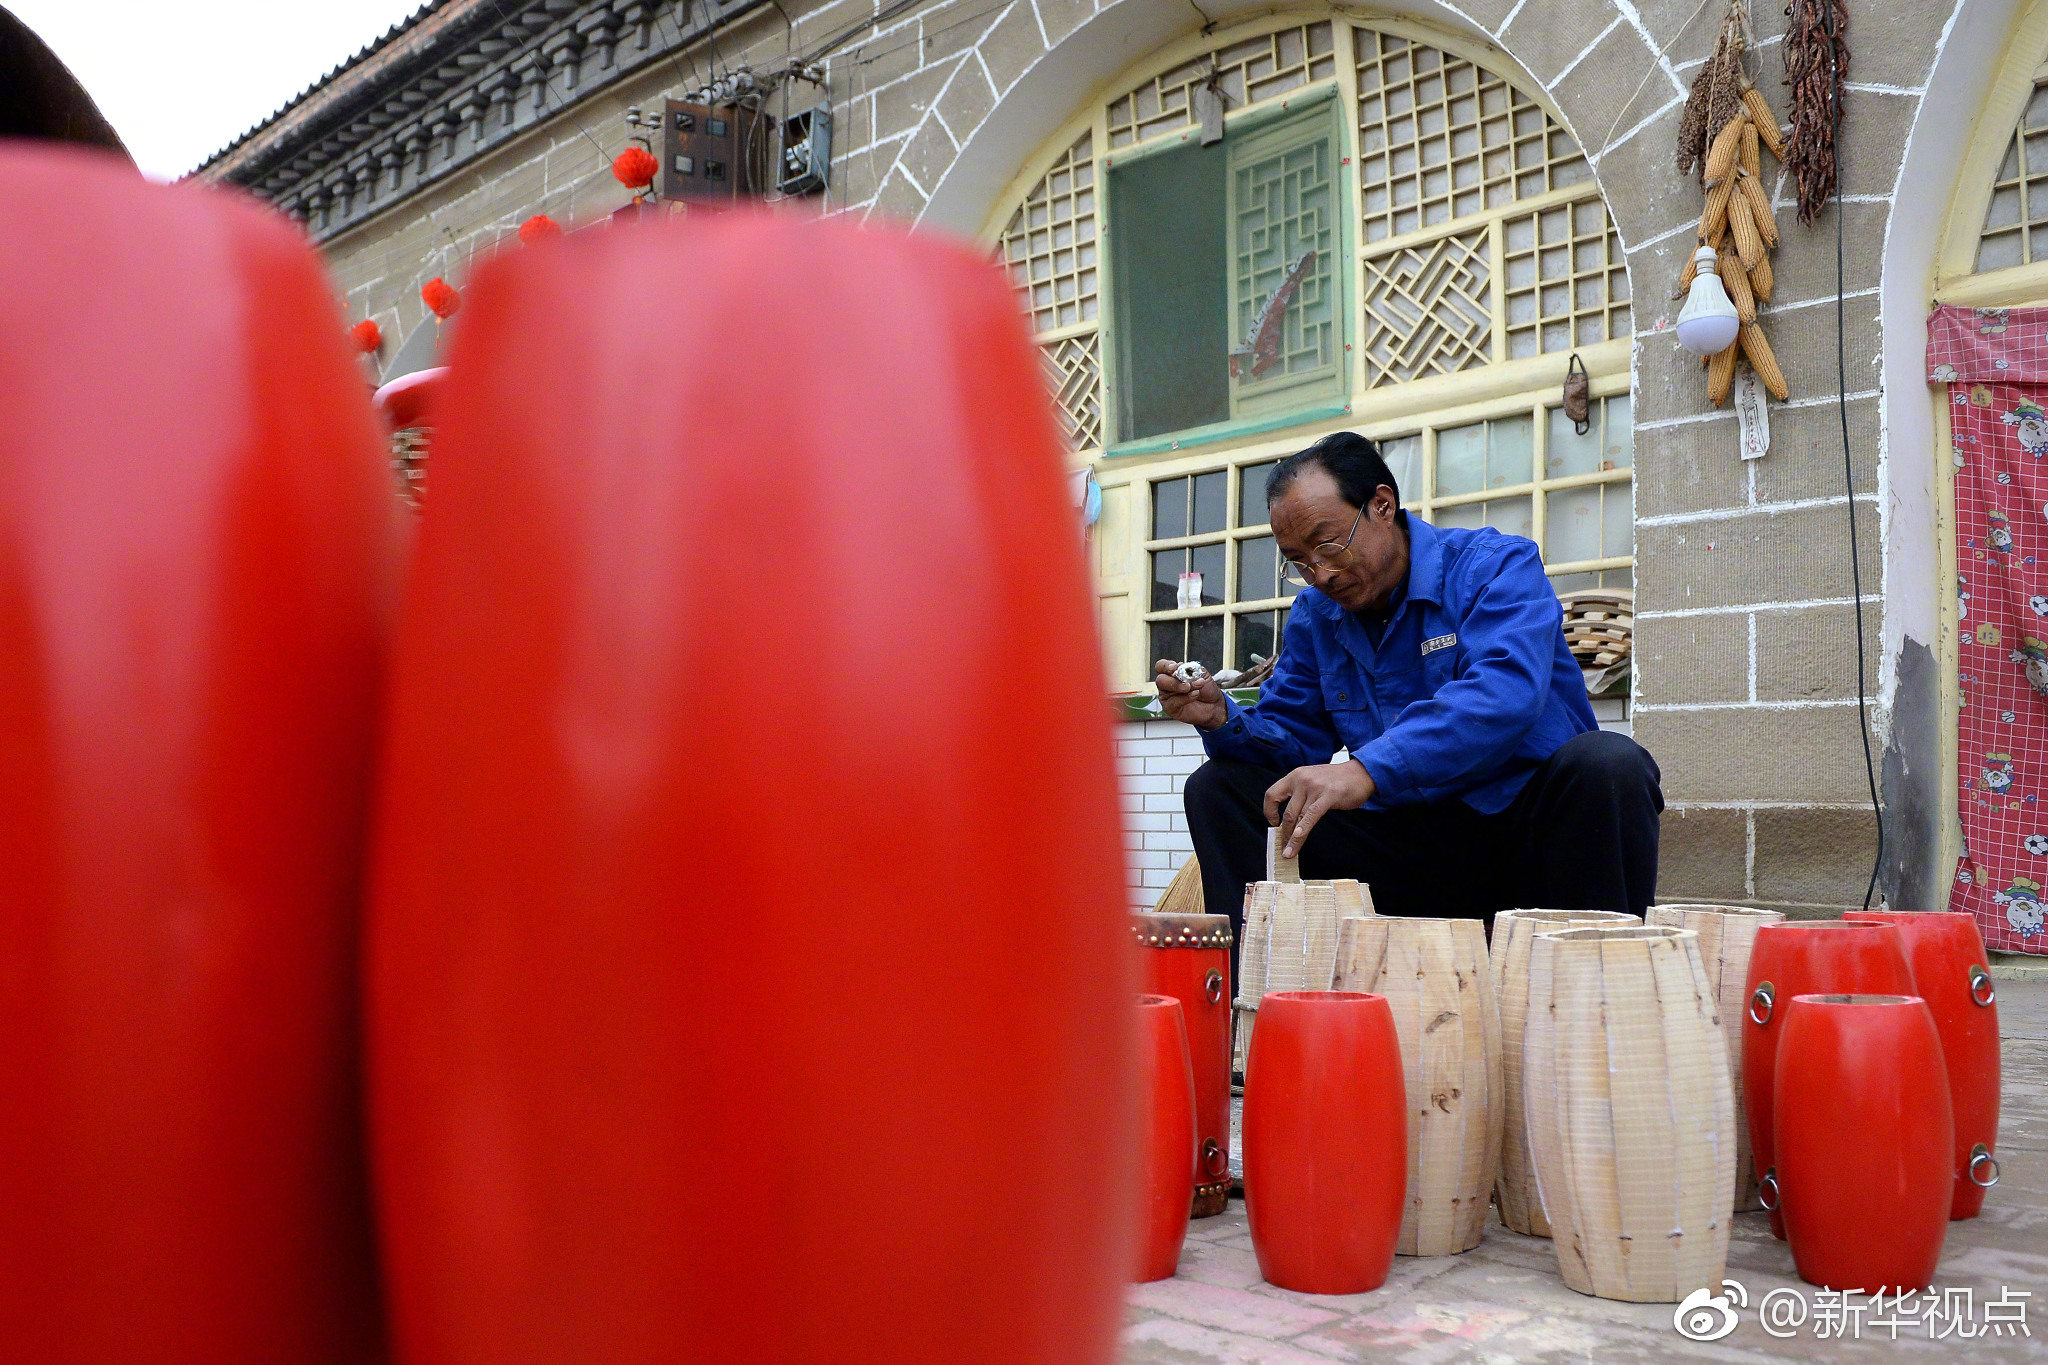 浙江中蓝新能源材料有限公司项目举行开工仪式